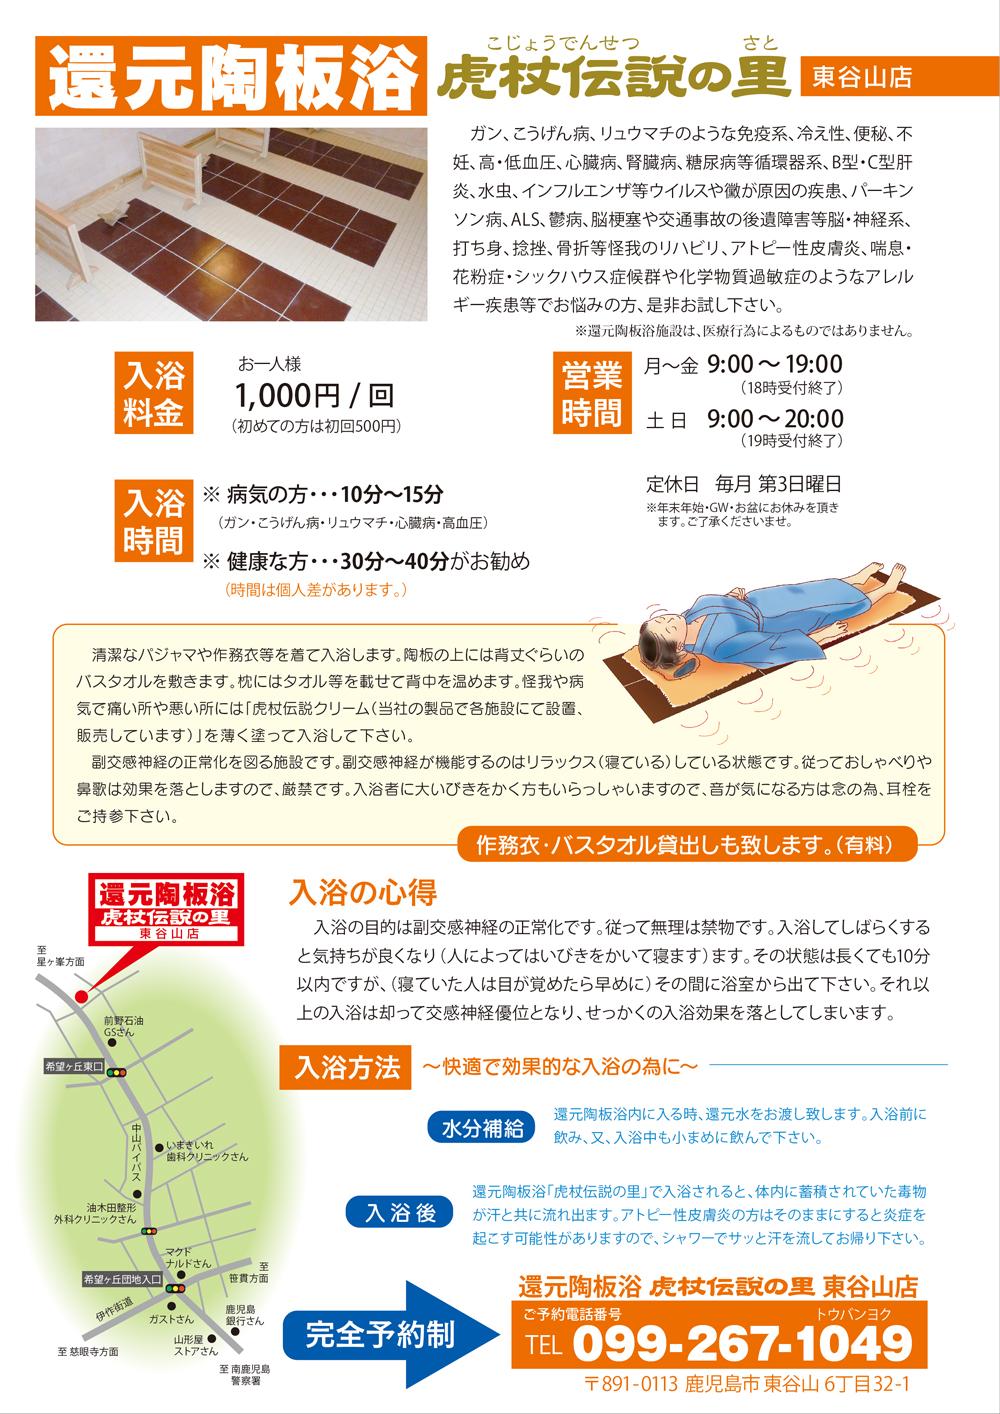 【還元陶板浴 】虎杖伝説の里 東谷山店オープンのお知らせ